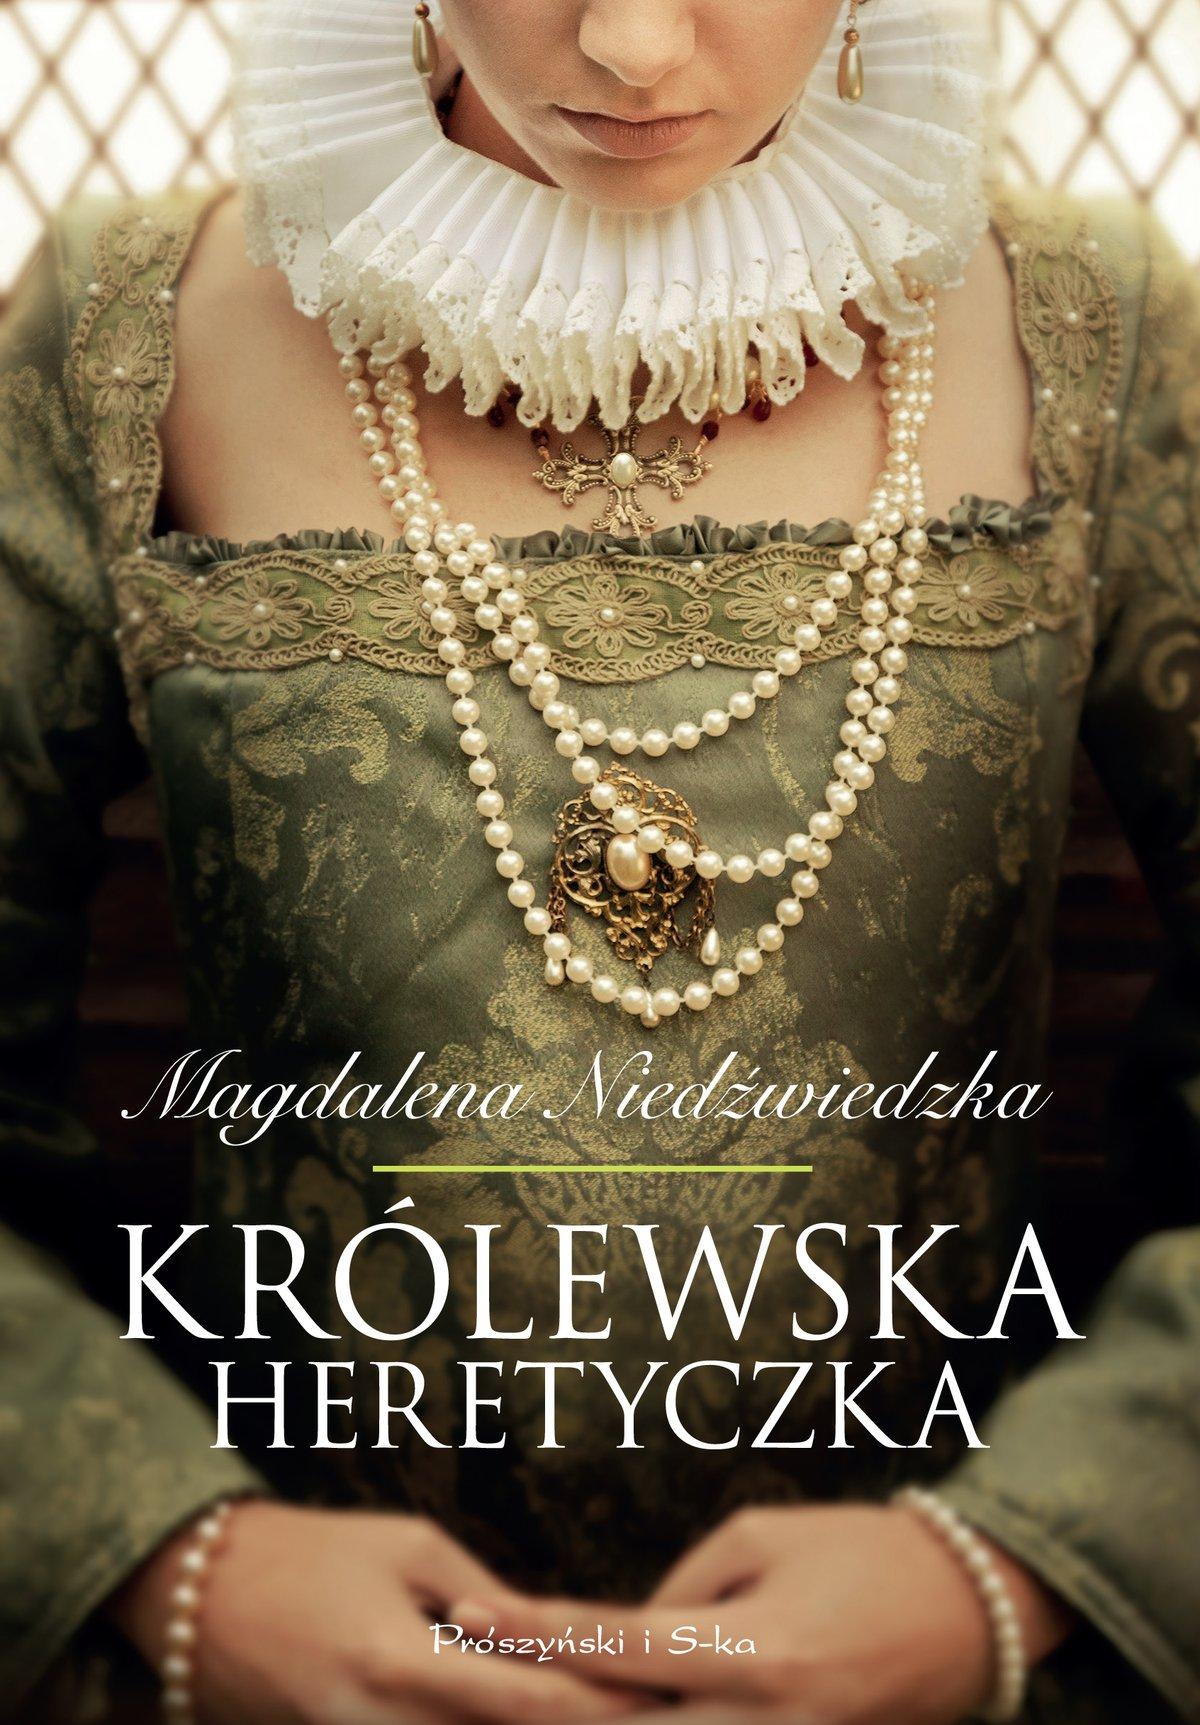 Królewska heretyczka - Ebook (Książka na Kindle) do pobrania w formacie MOBI